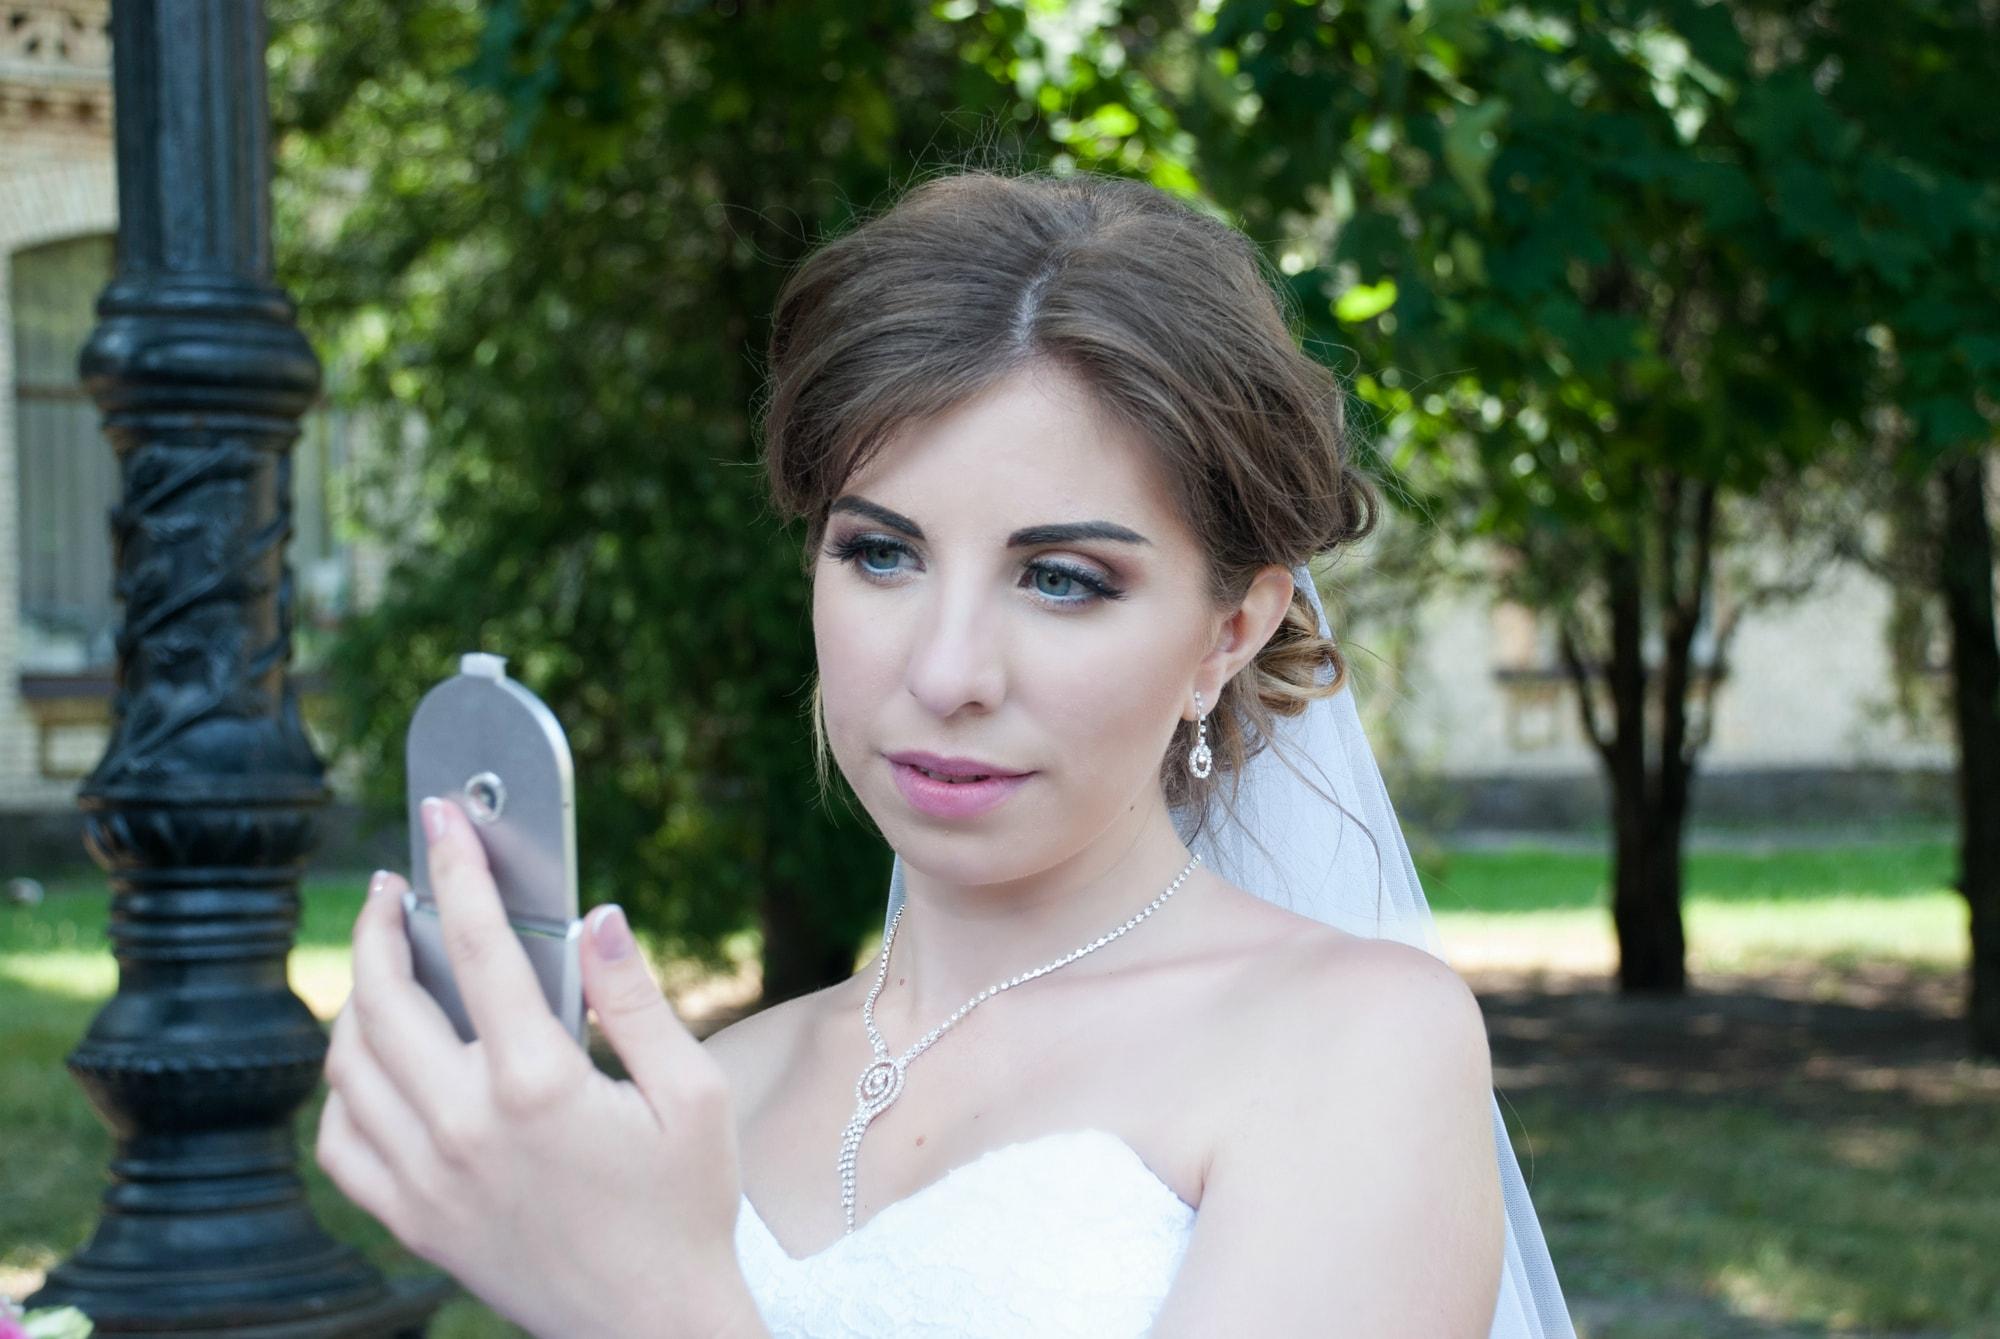 Фотография невесты с зеркалом - Фотограф Киев - Женя Лайт